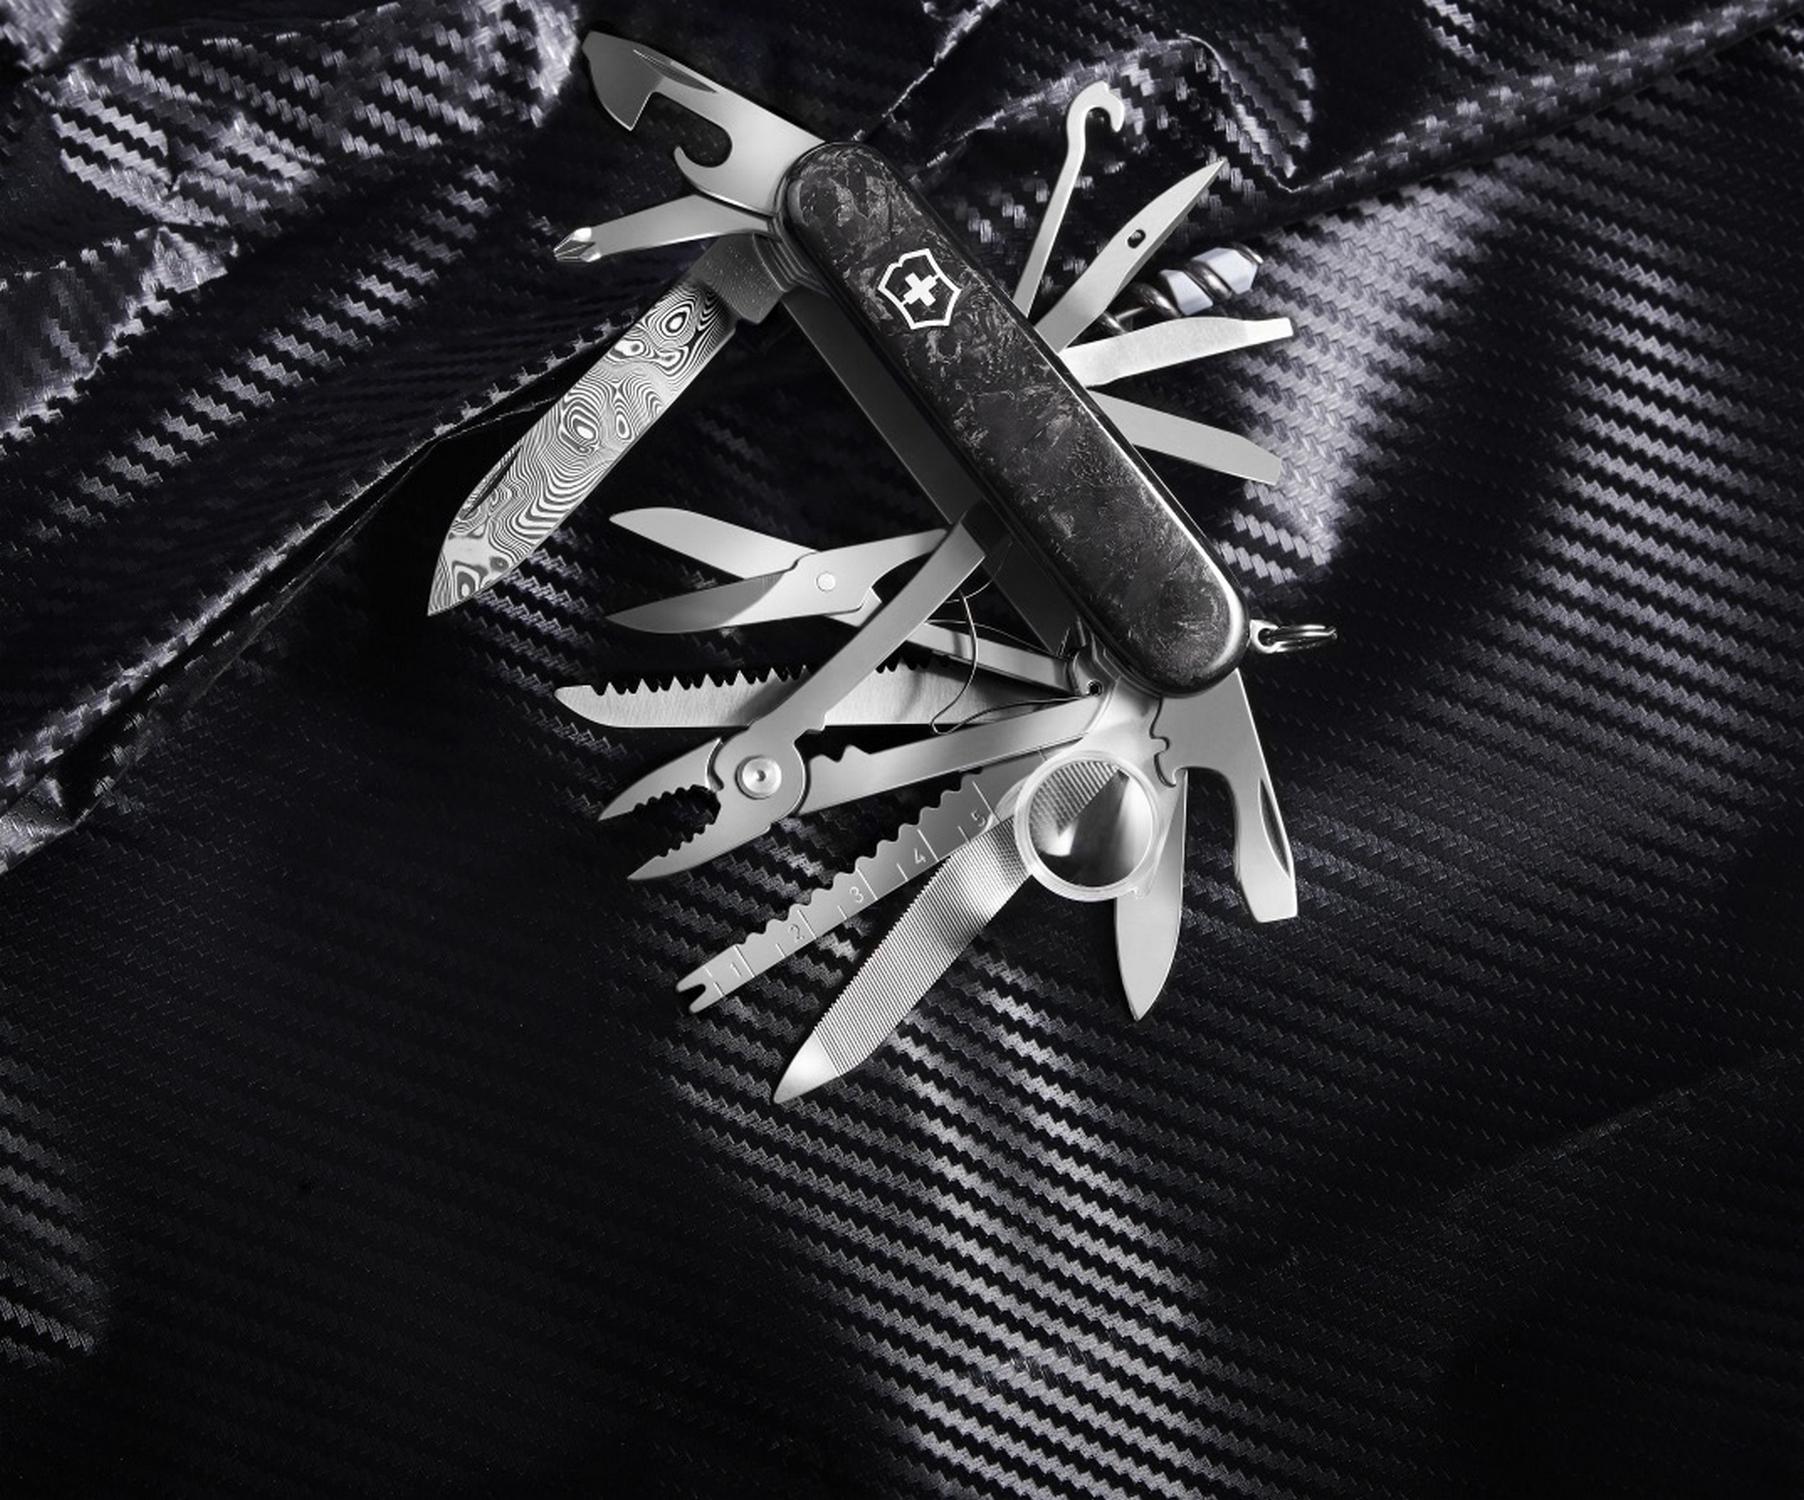 Складной коллекционный нож Victorinox Swiss Champ Carbon Damast Limited Edition 2021 (1.6791.J21) дамасская сталь, лимитированное издание | Wenger-Victorinox.Ru